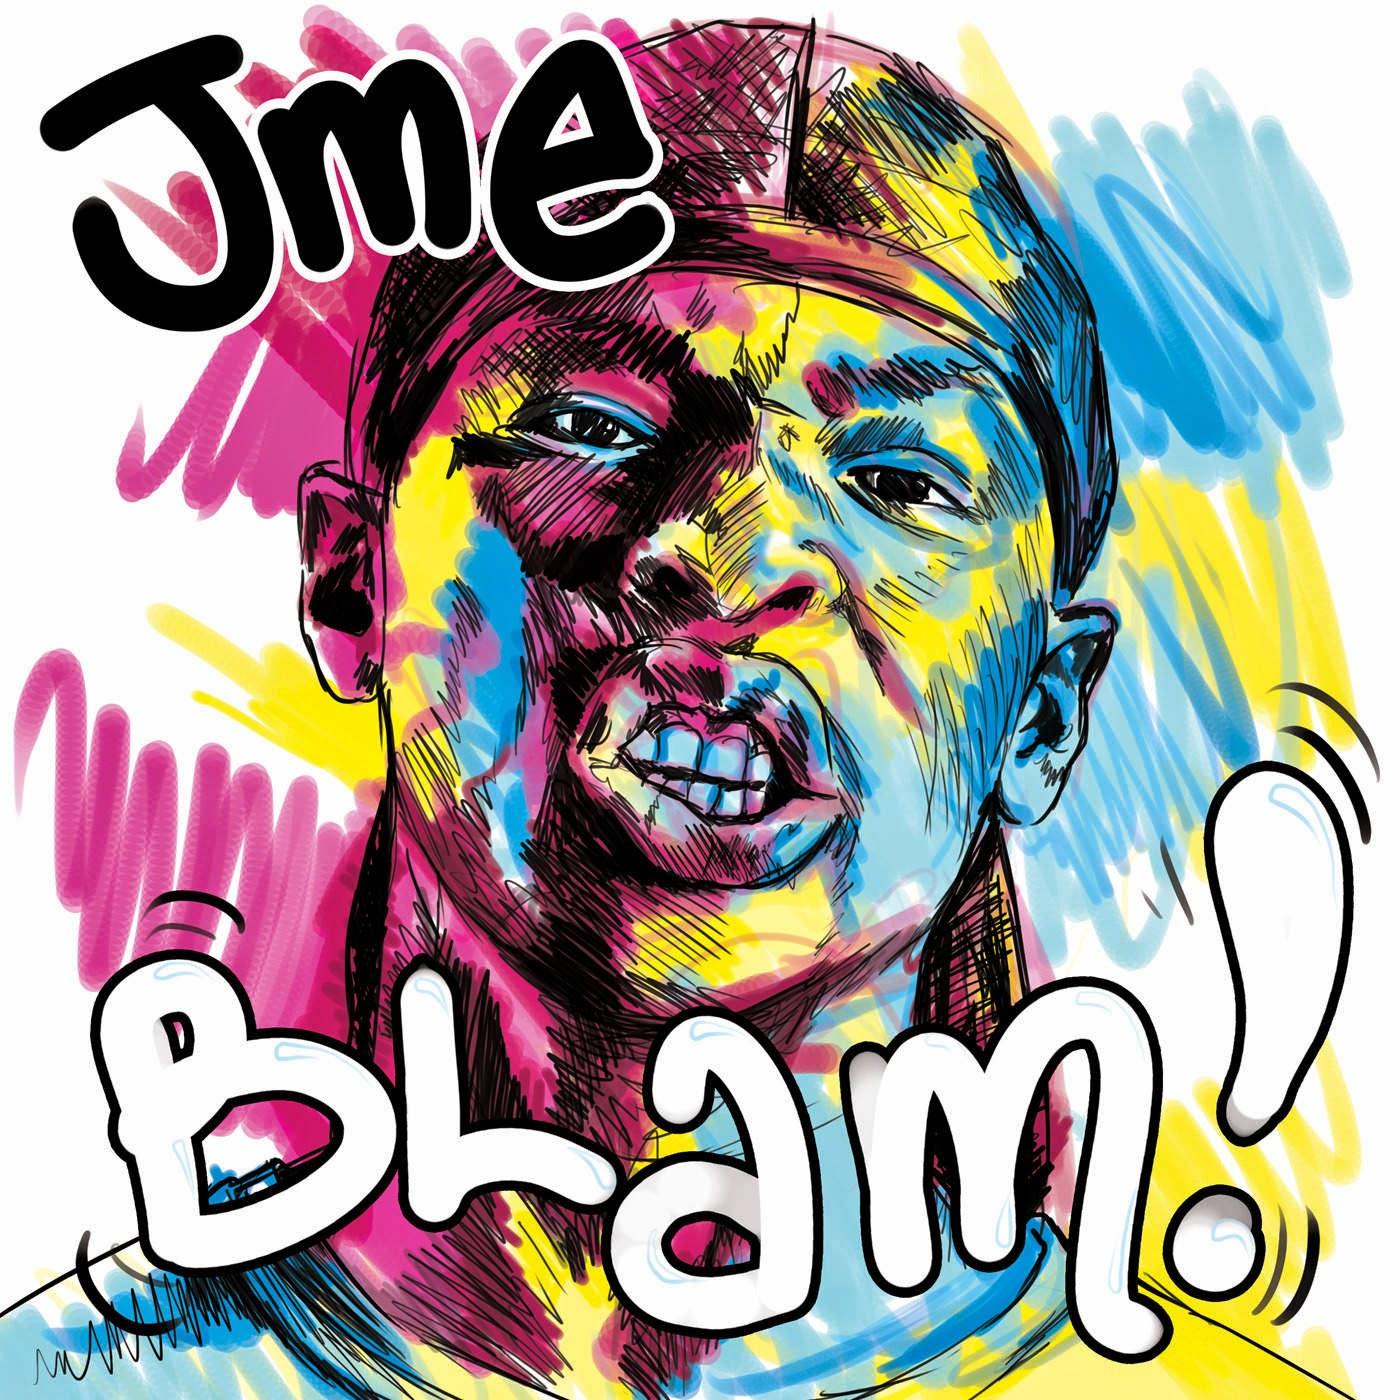 JME - Blam! Cover